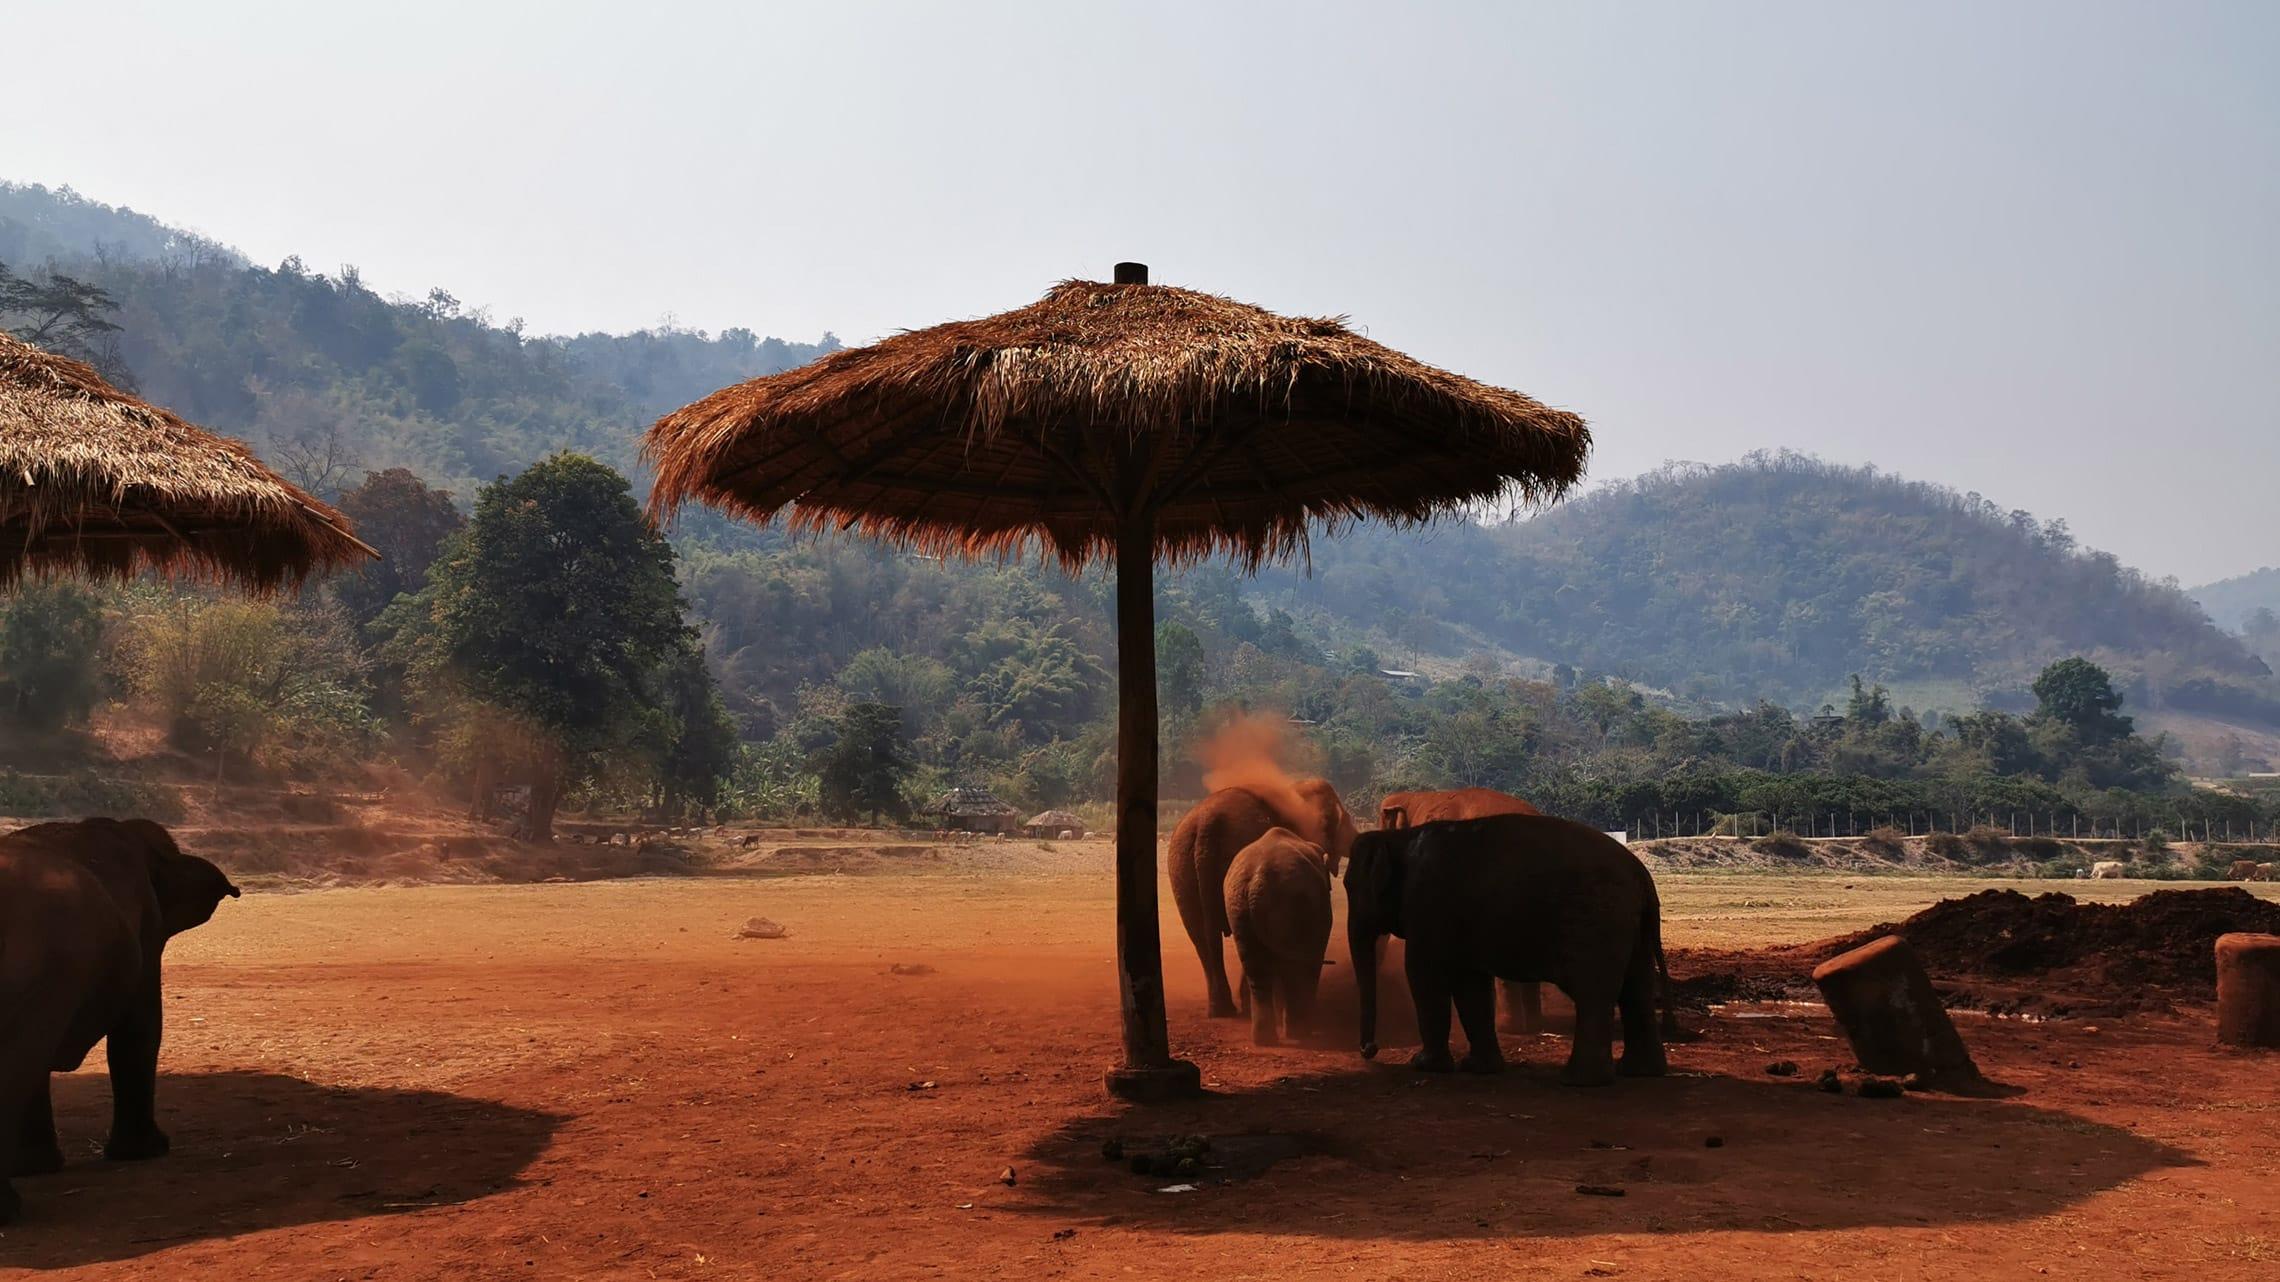 Bei den tropischen Temperaturen Thailands ist ein Staubbad zwingend nötig, schließlich können Elefanten nicht schwitzen und sind für eine Abkühlung sicherlich mehr als dankbar.